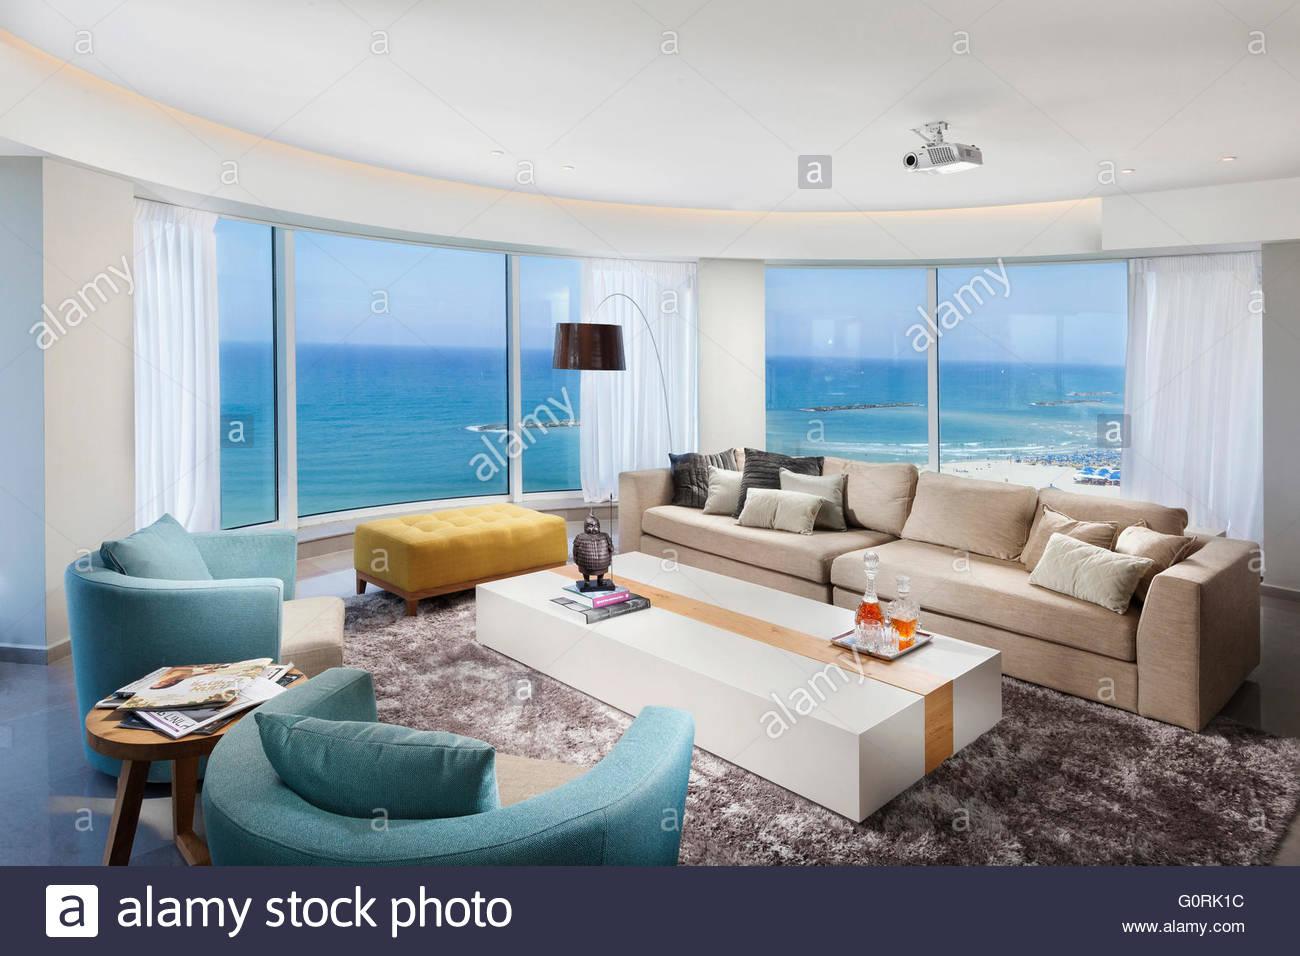 Eine saubere weiße moderne Wohnung mit Blick aufs Meer. Wohnräume ...